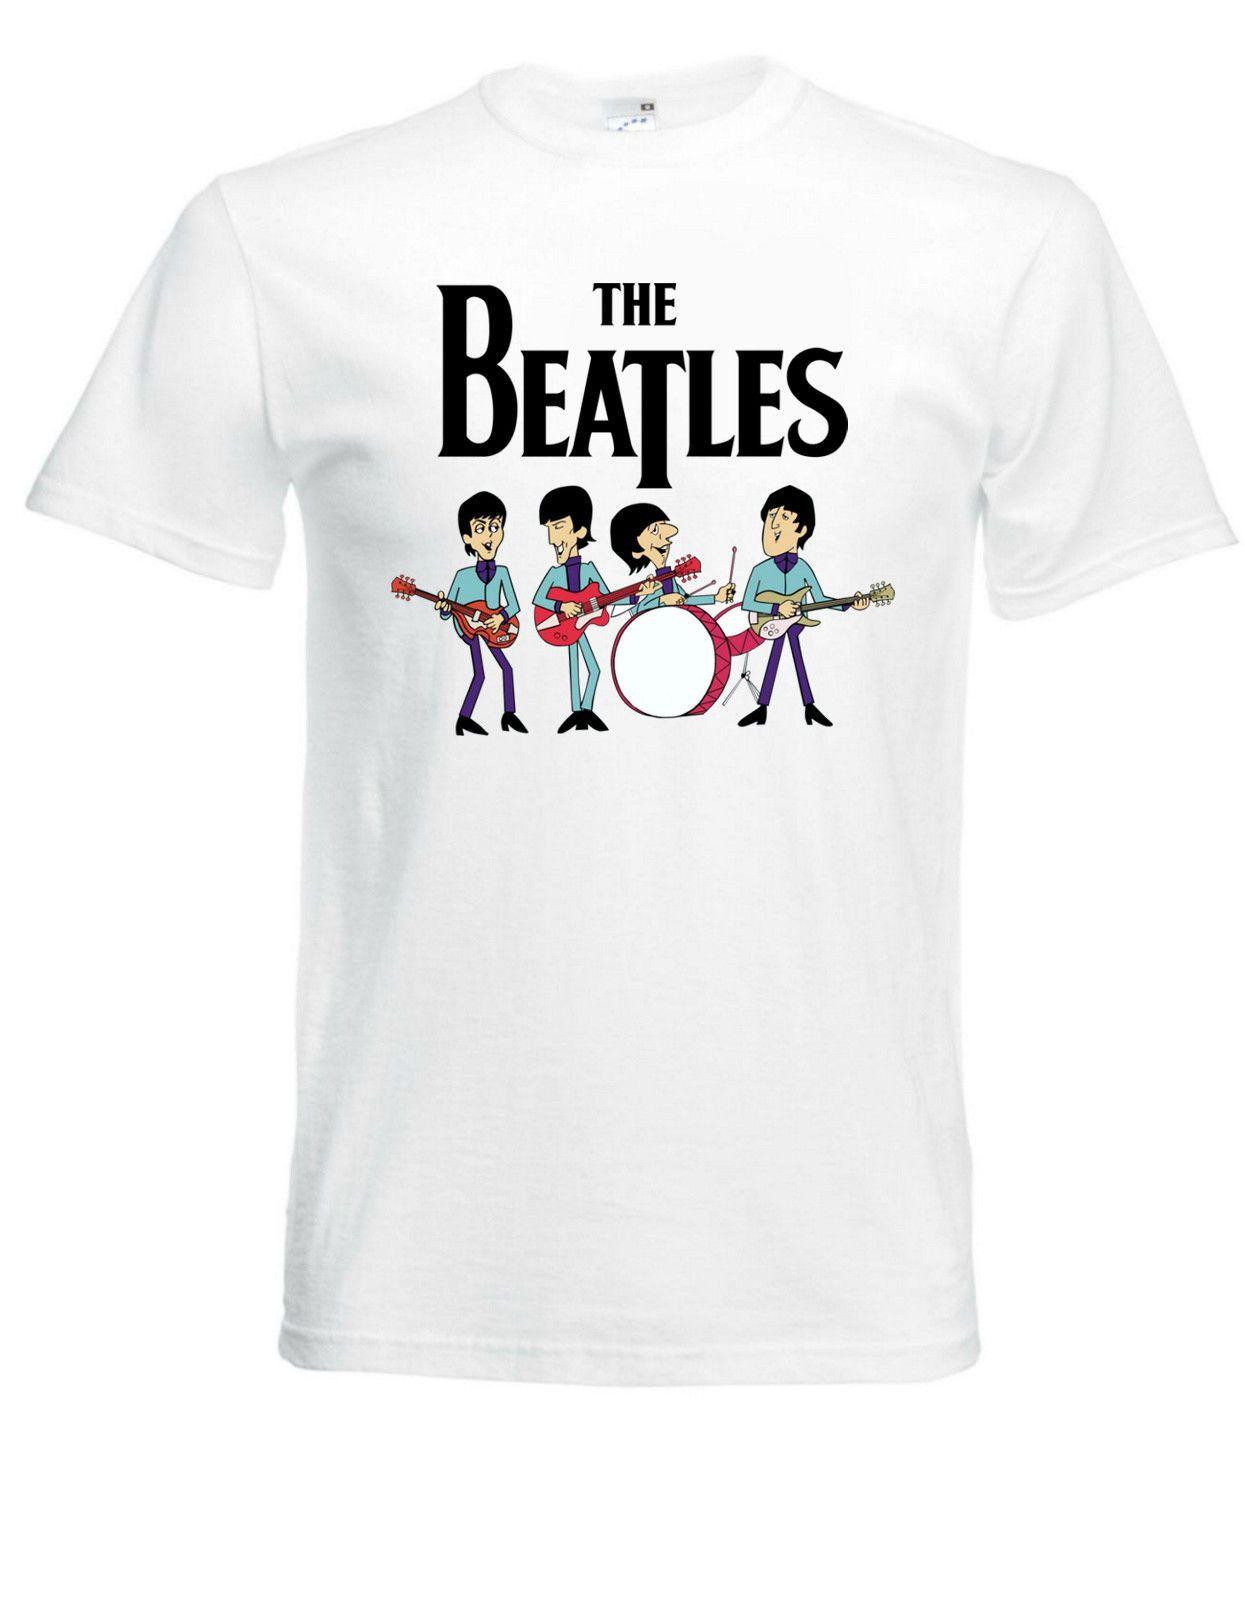 eb1050a17245c Compre The Beatles Cartoon White Nueva Camiseta Fruit Of The Loom TODOS LOS  TAMAÑOS Moda Casual Algodón Estampado Tops Camisetas Hombre A  11.01 Del ...